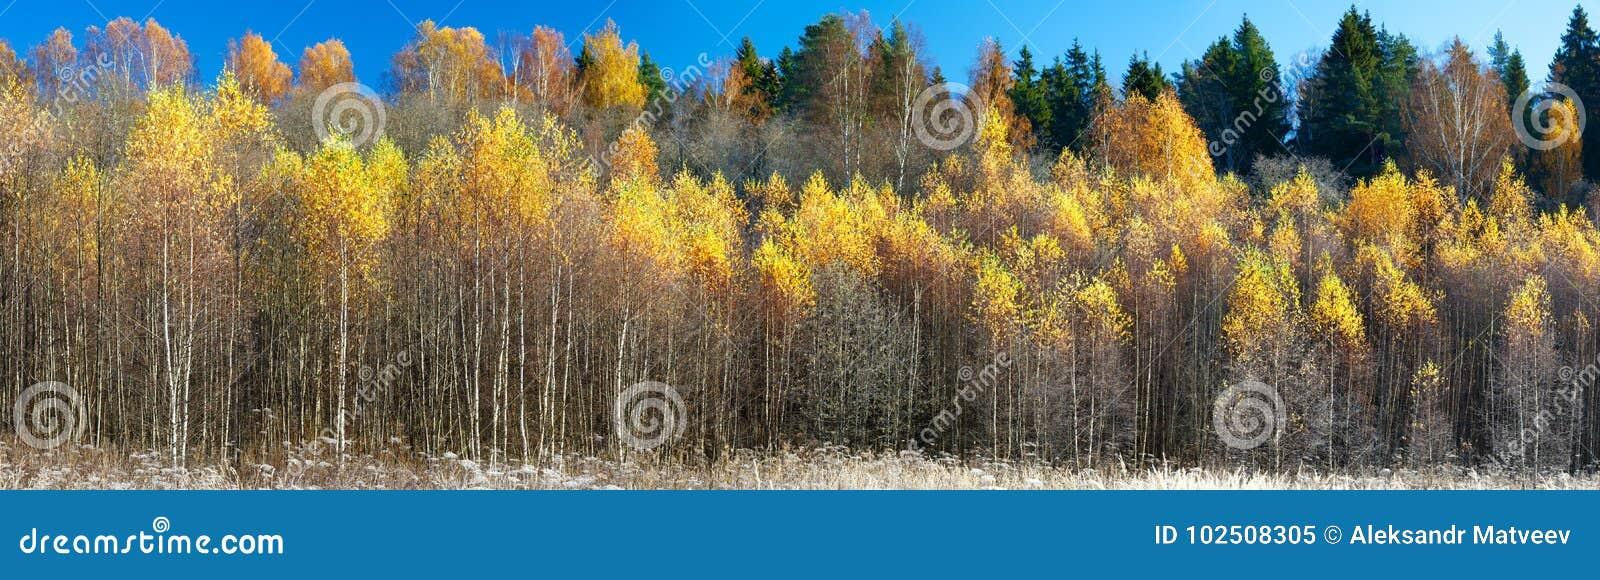 Extra bred panorama av en ursnygg skog i höst, ett sceniskt landskap med angenämt varmt solsken